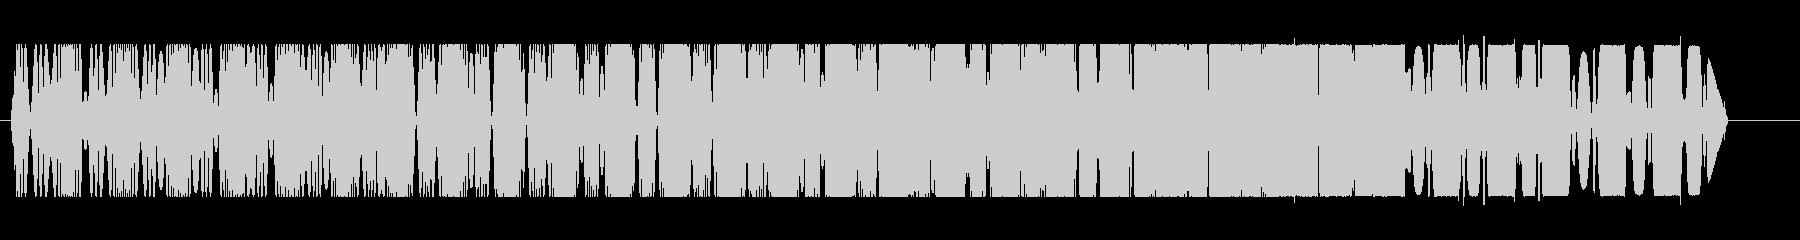 プルルル↑(コミカルな飛行音)の未再生の波形